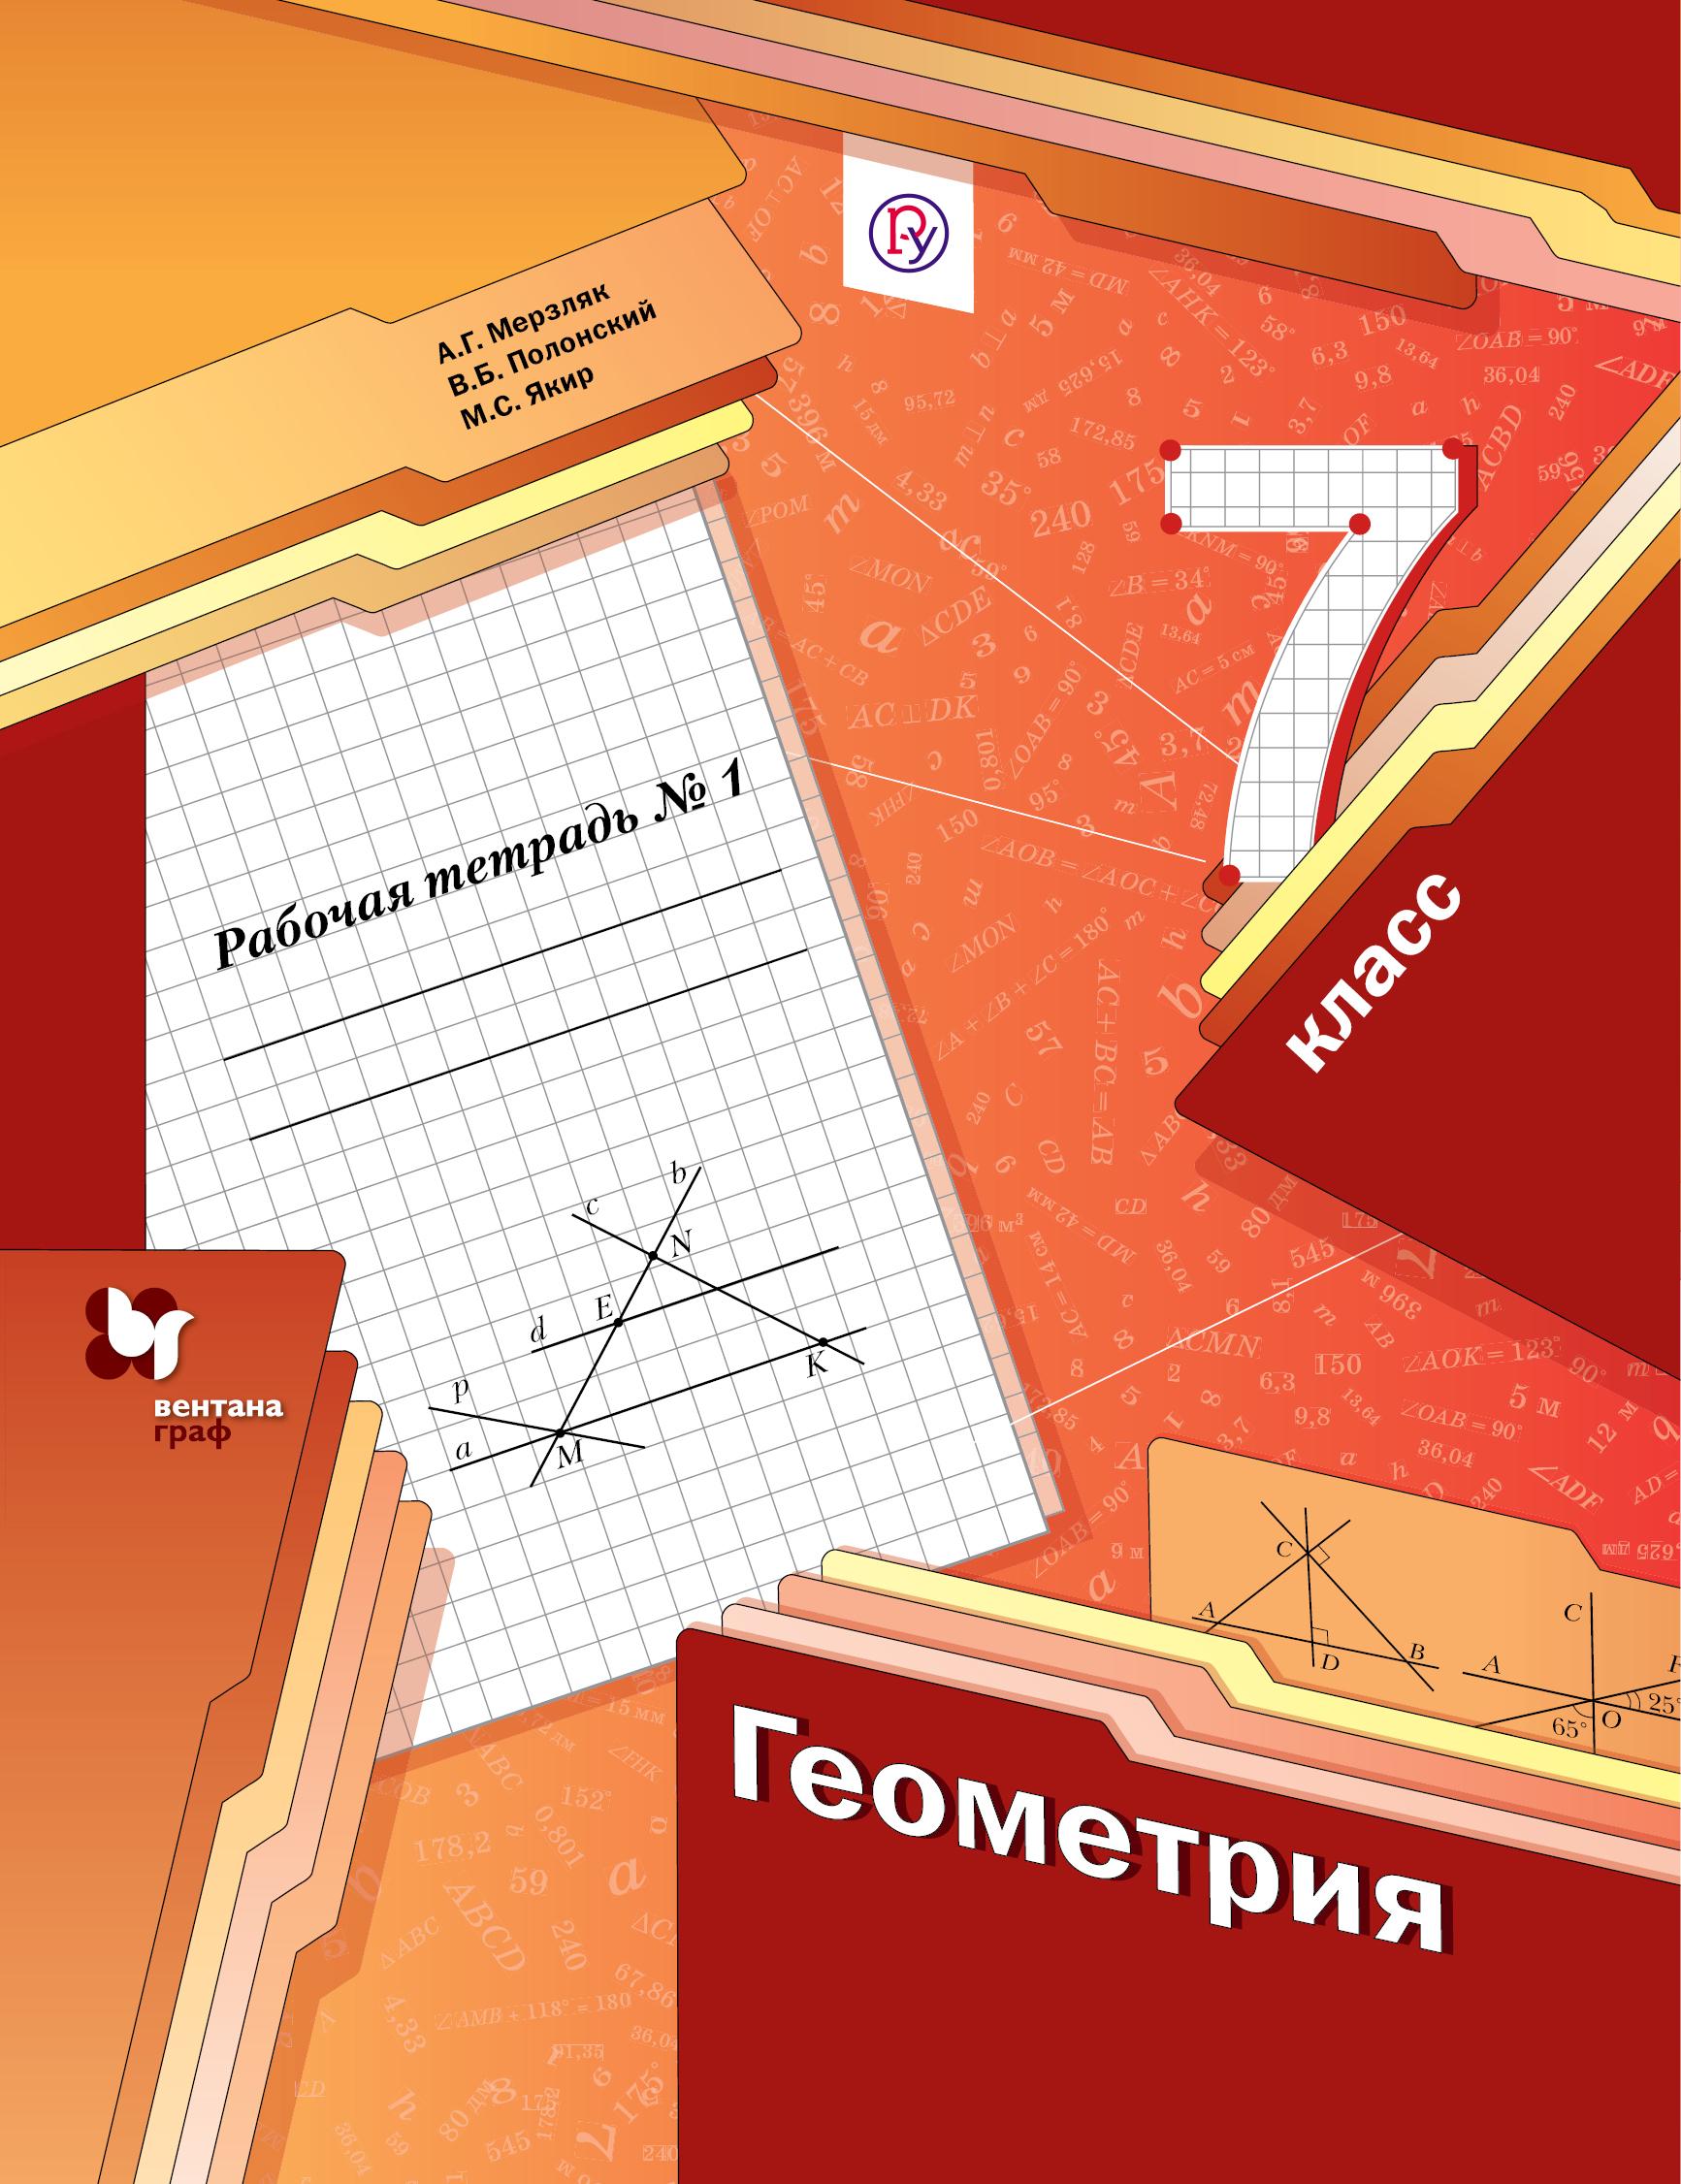 Геометрия. 7класс. Рабочая тетрадь № 1